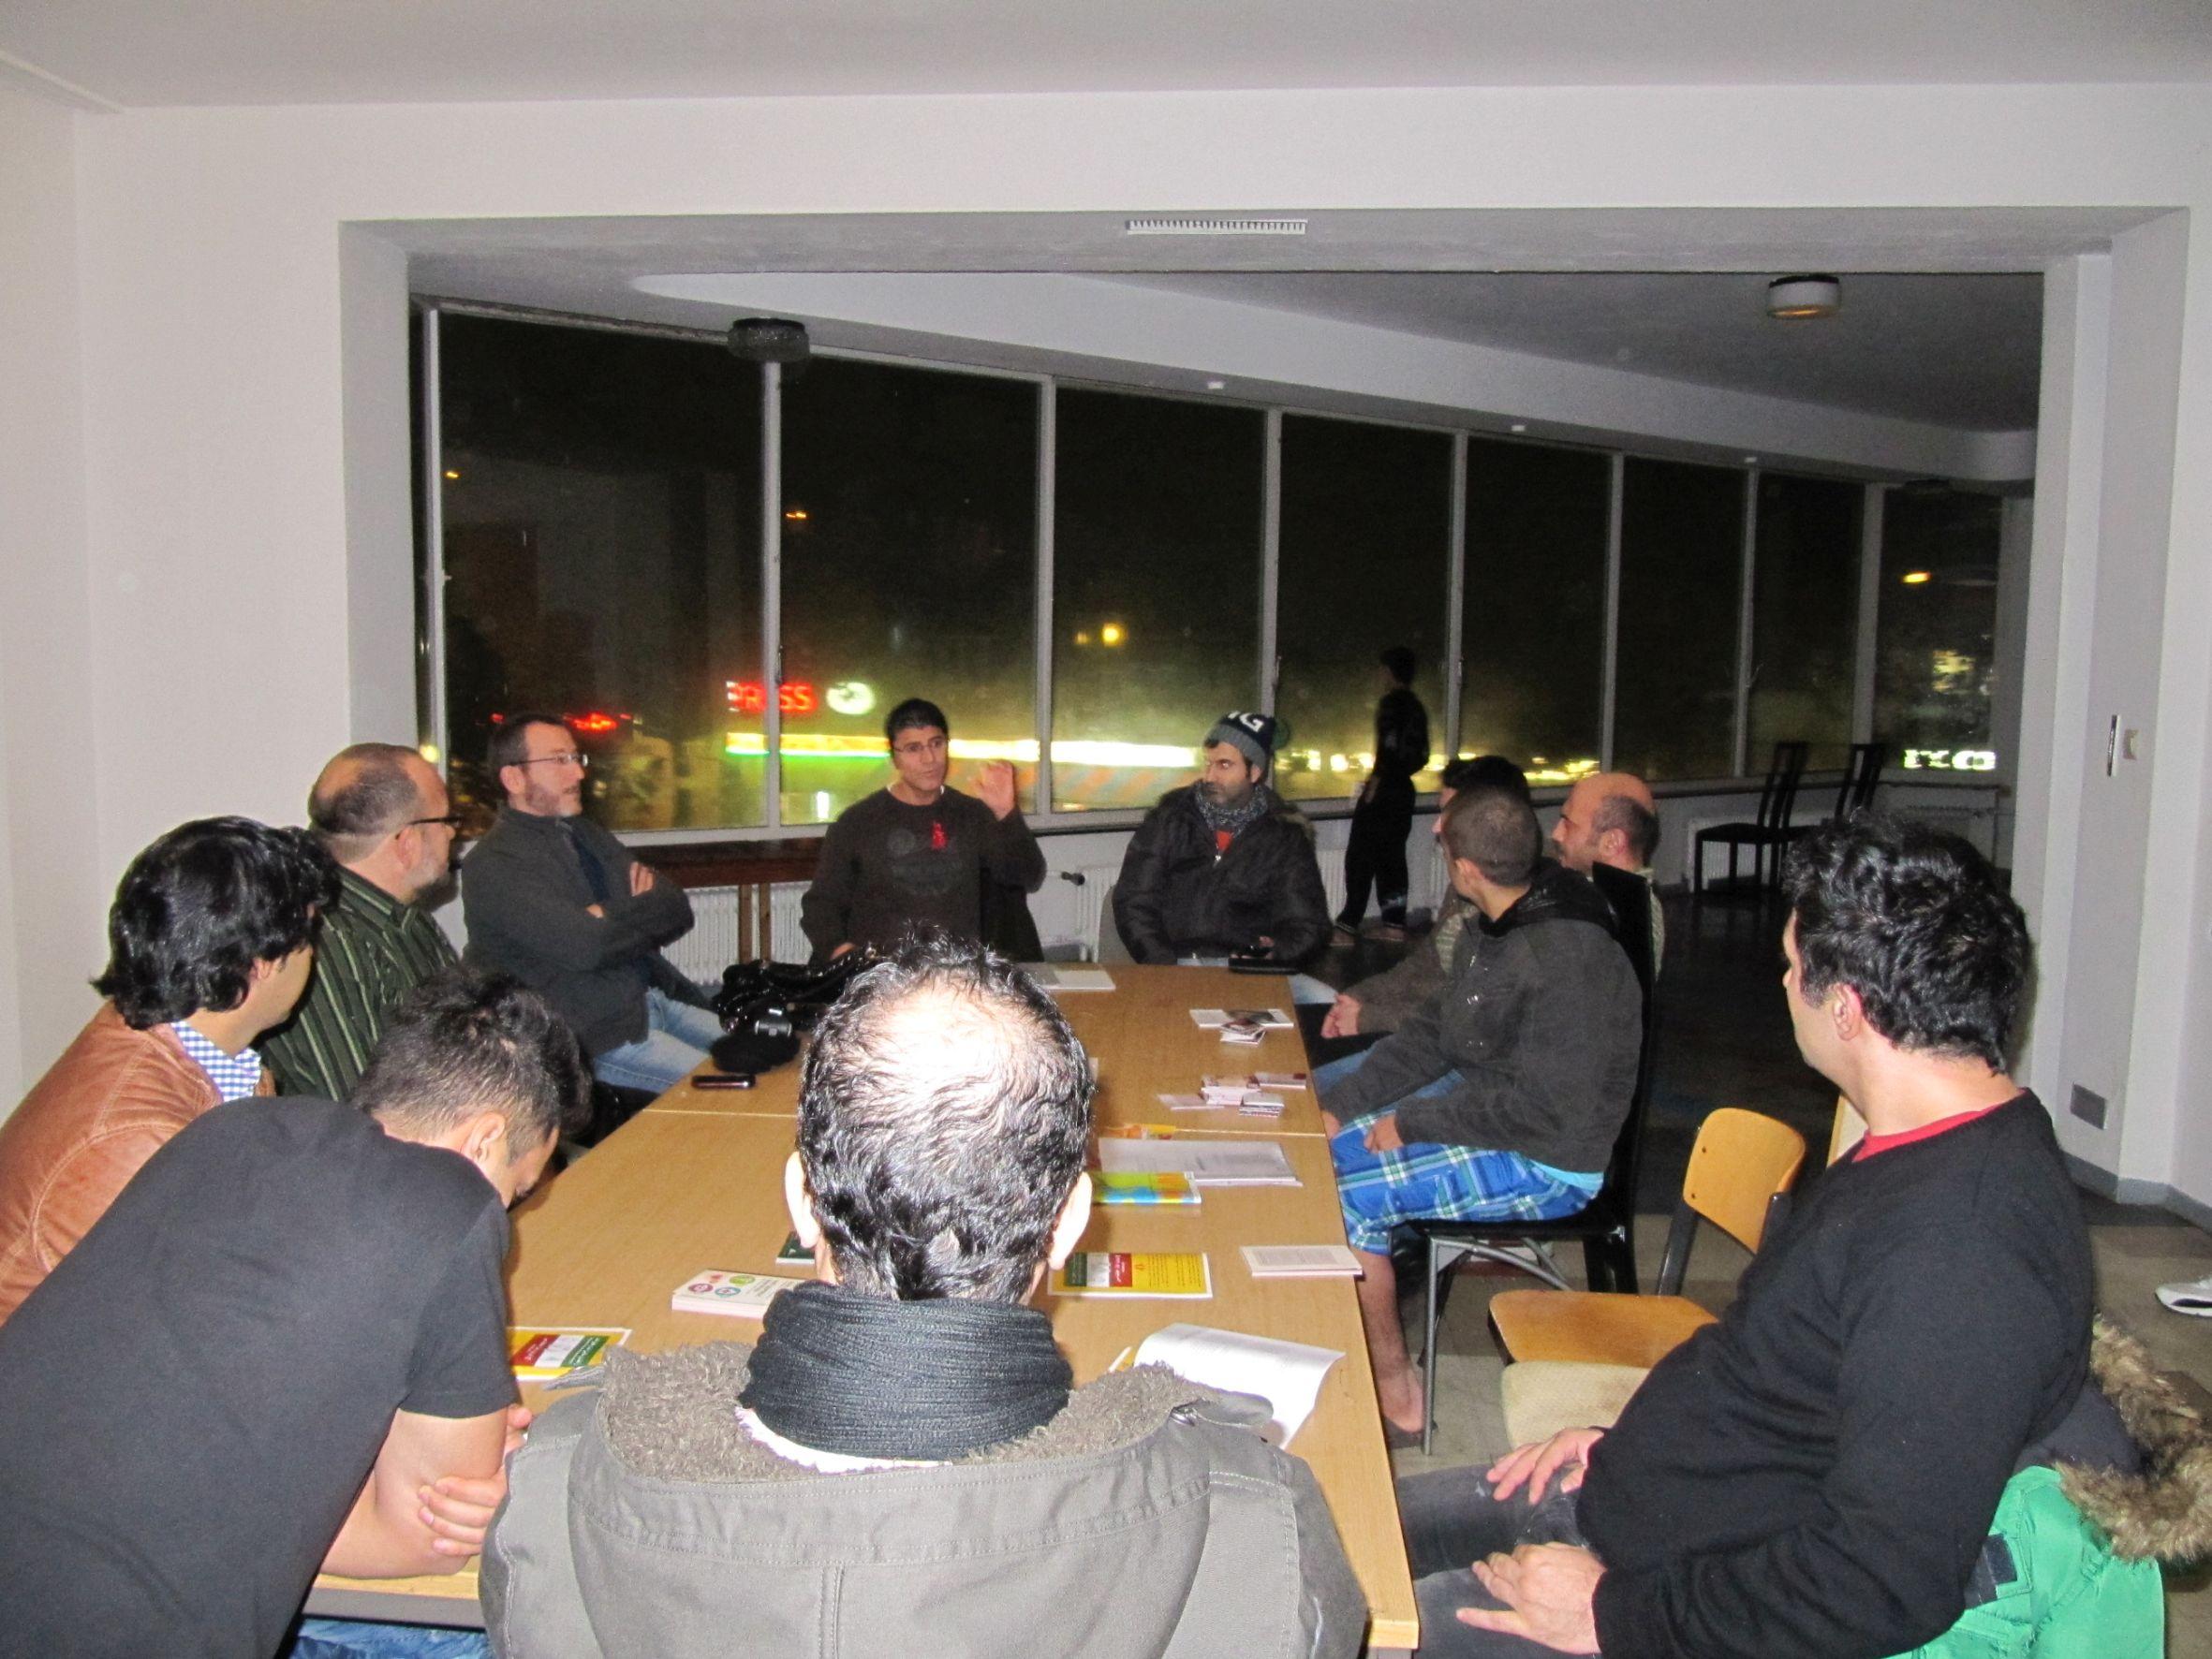 2012-11-16, Vortrag Asylbewerberheim Wilmersdorfer Str. 67 - 03